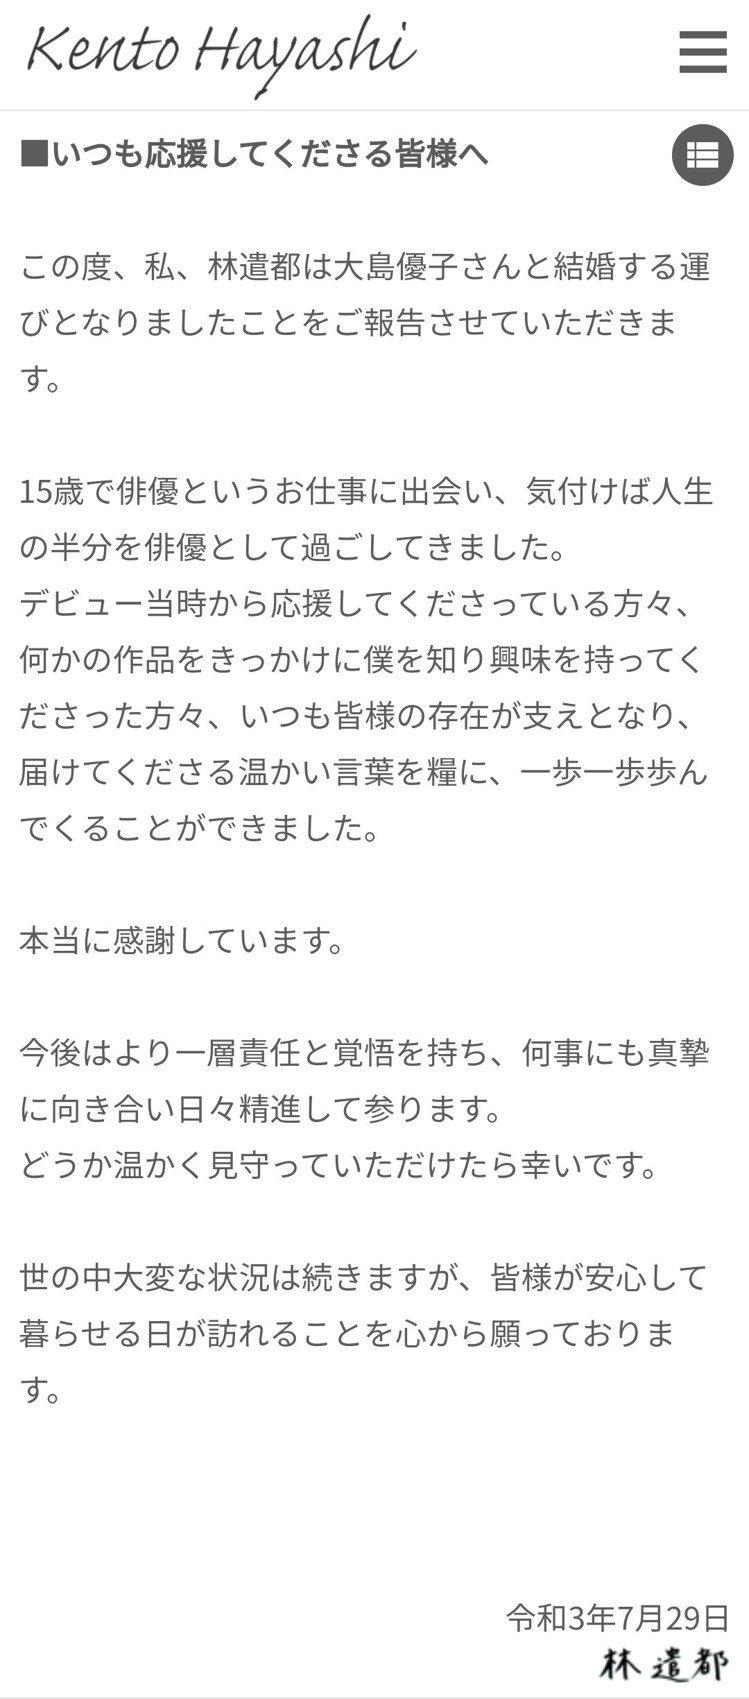 林遣都透過官方網站宣告將結婚喜訊。 圖/擷自林遣都官方網站